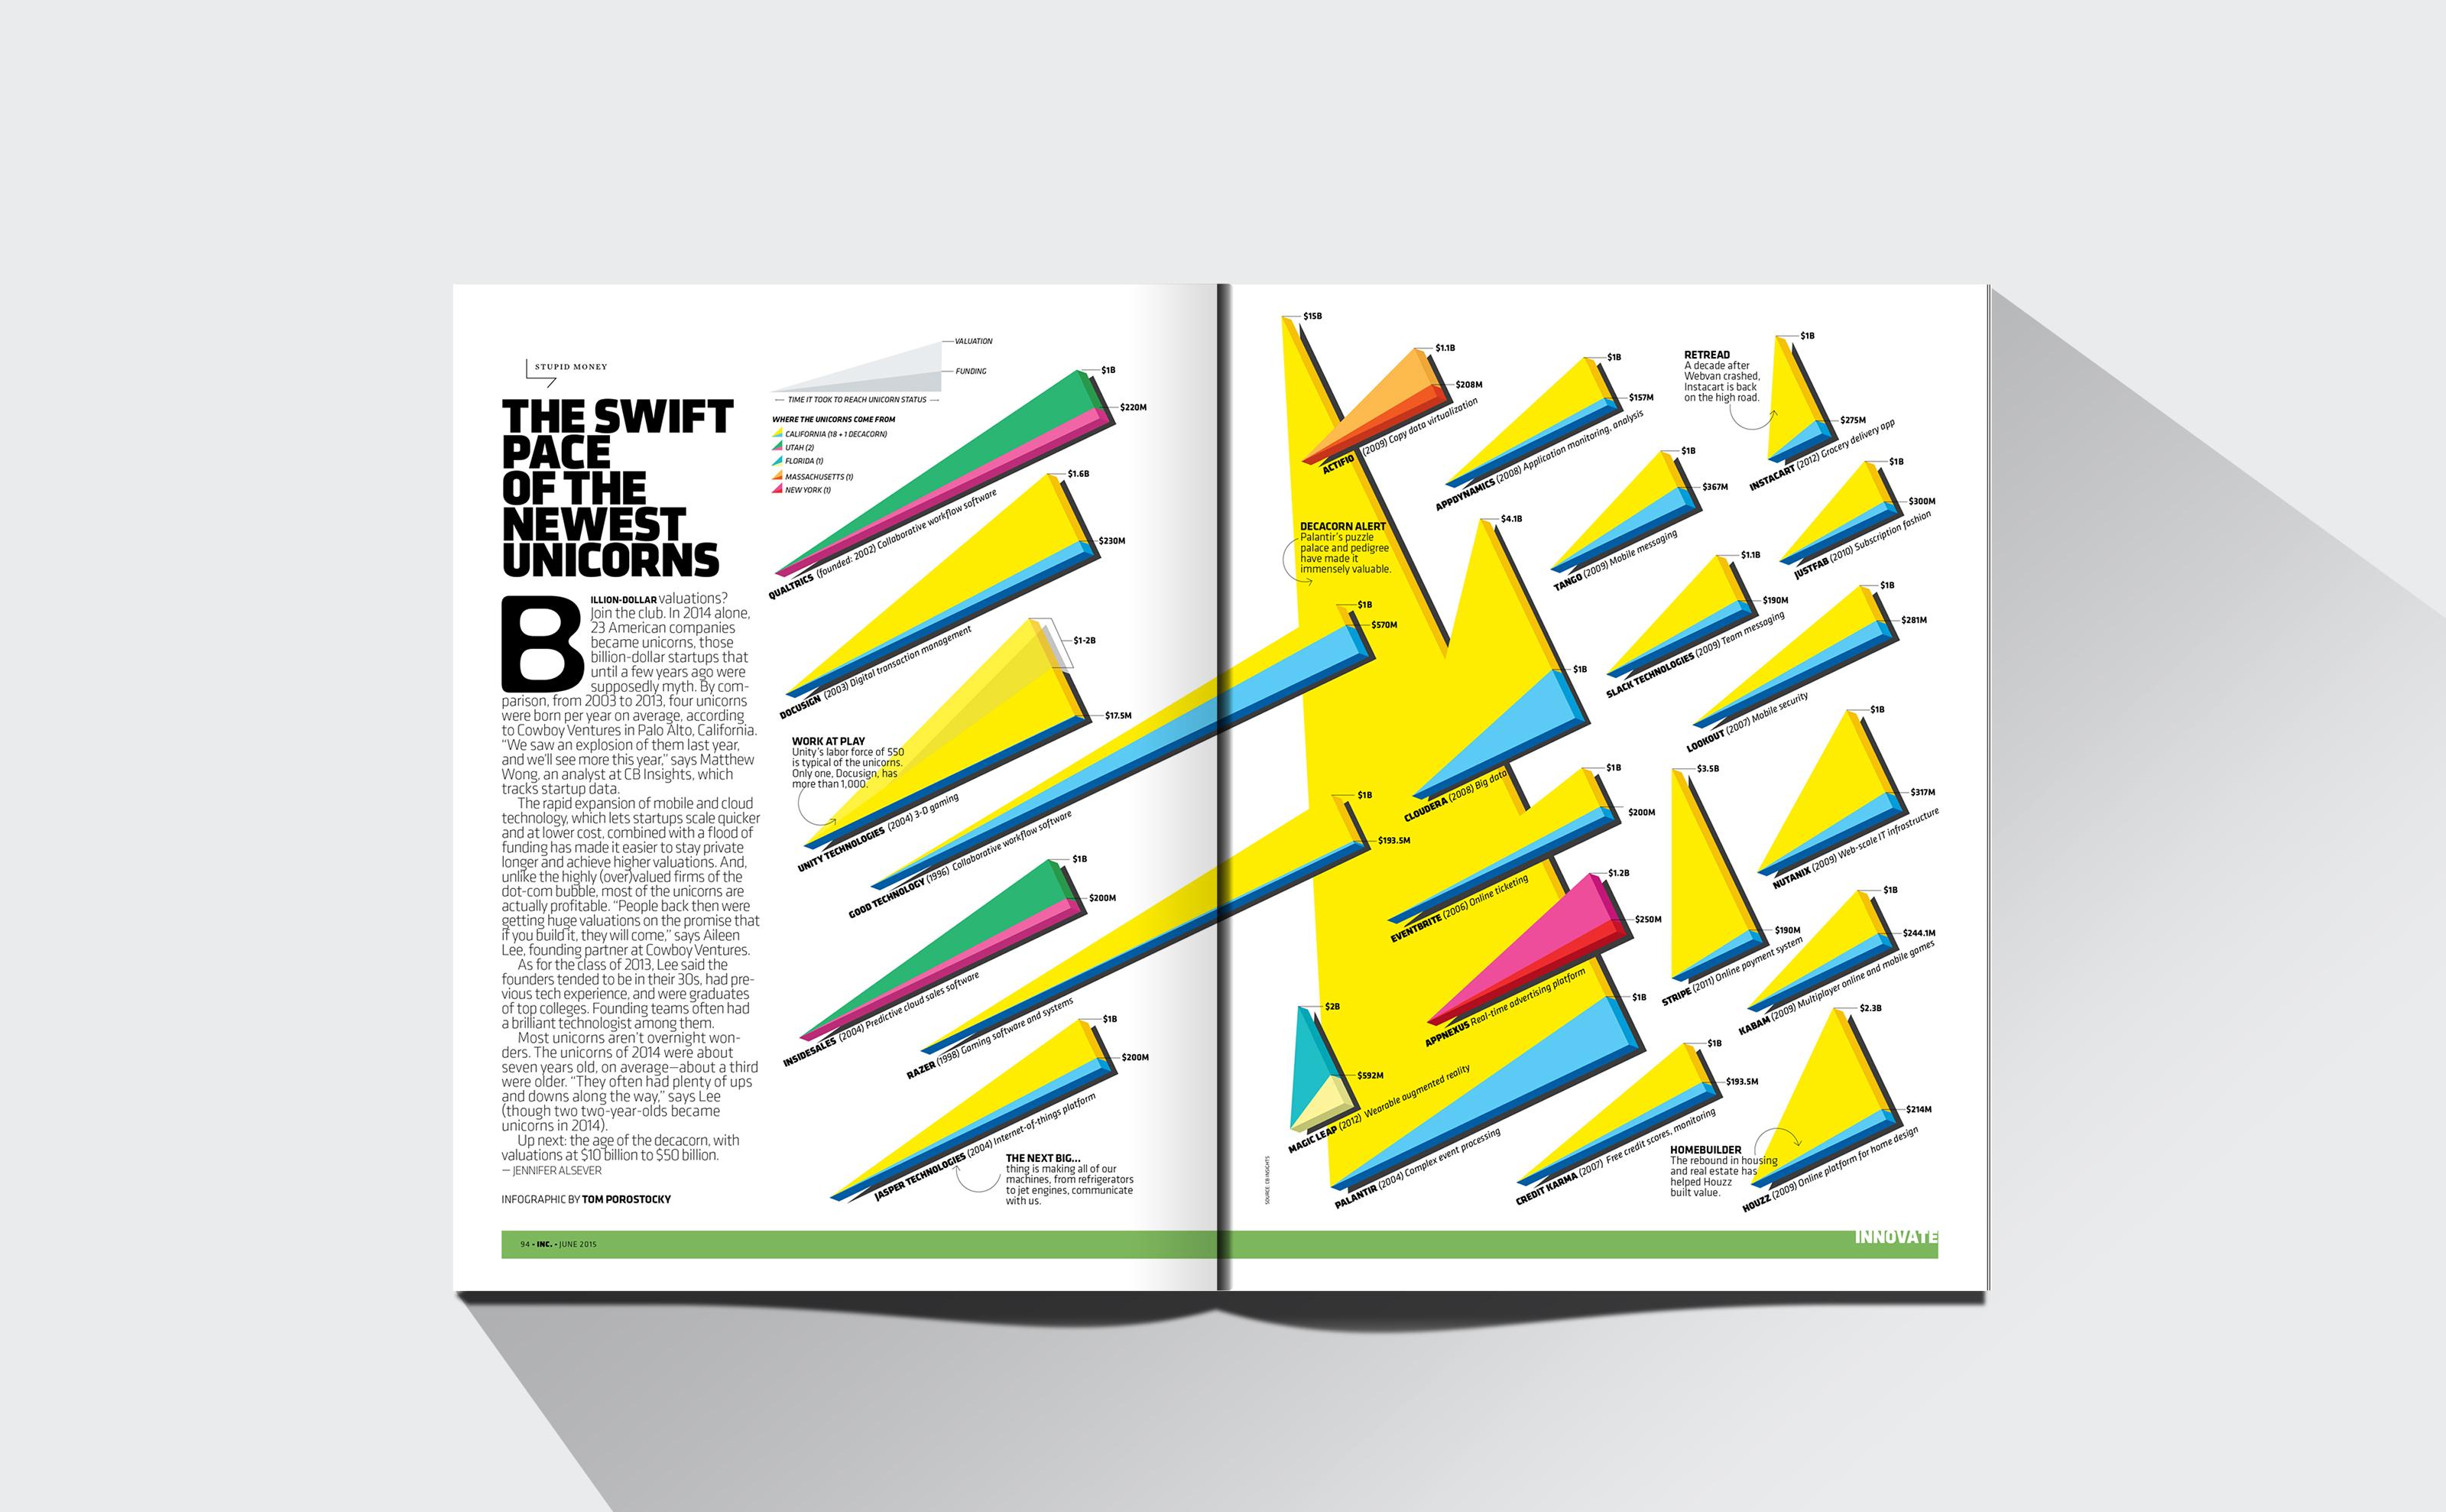 INC magazine unicorns data visualization the swift pace of the newest unicorns